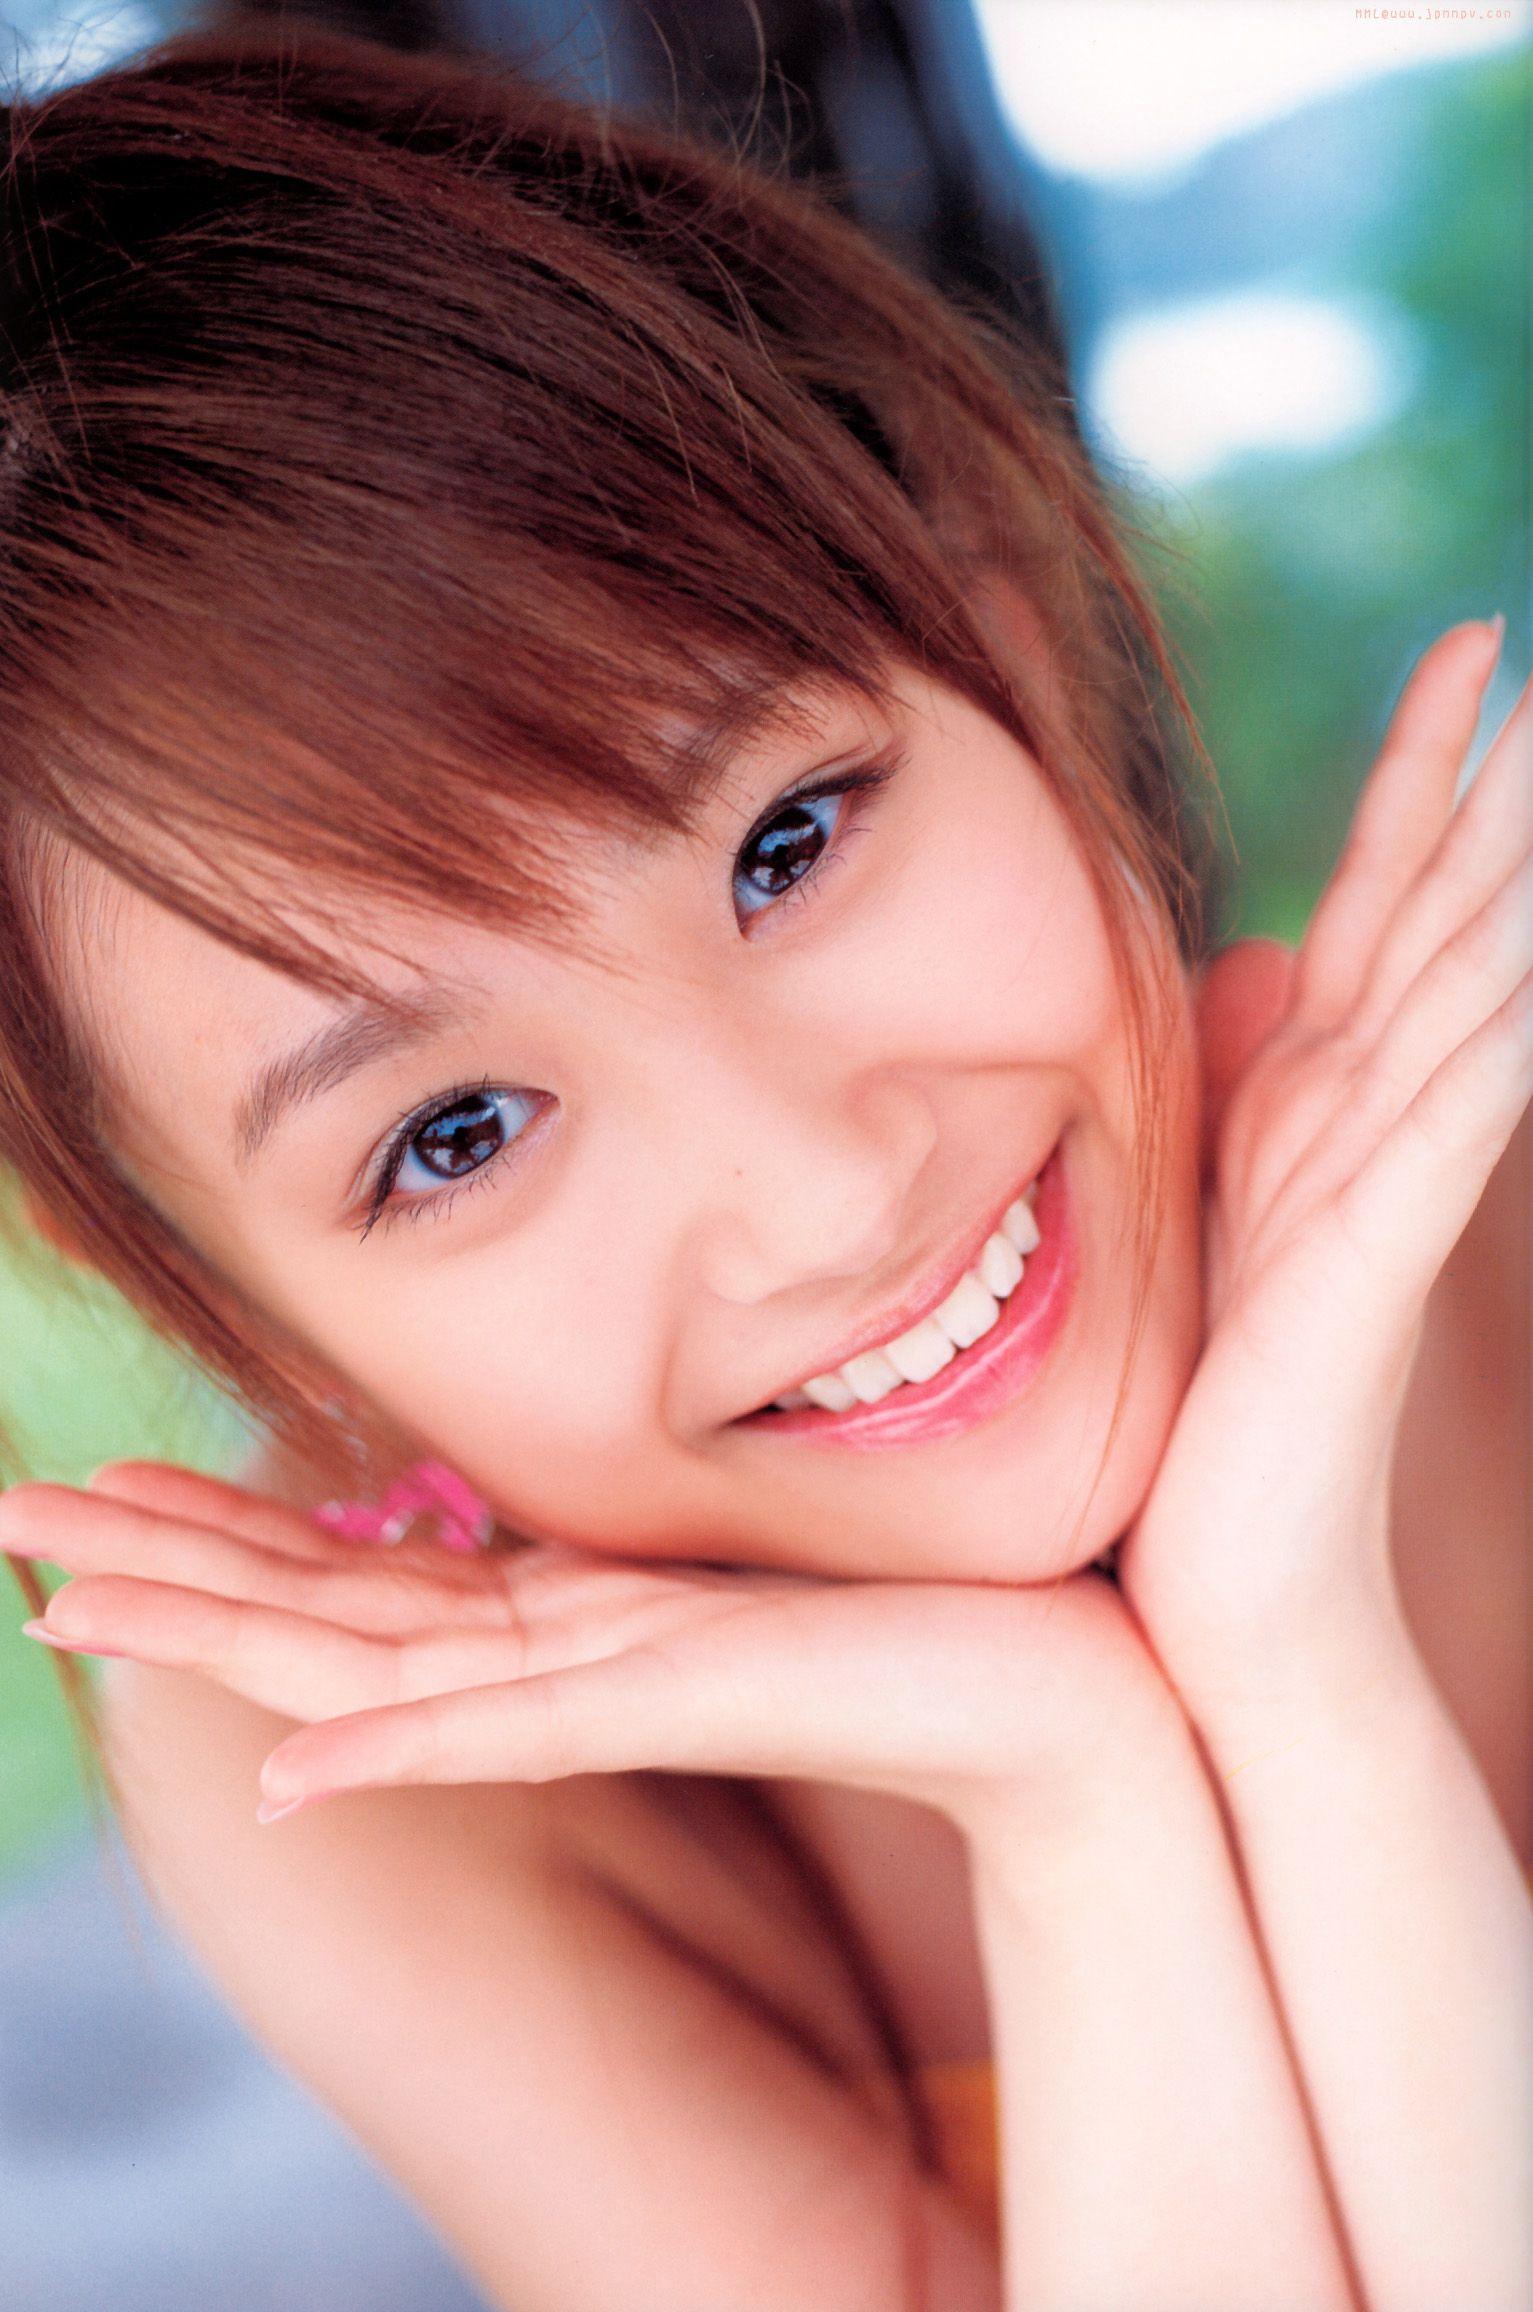 高橋あい セクシー 唇 歯 目 ハロプロ 笑顔 顔アップ エロかわいい画像4